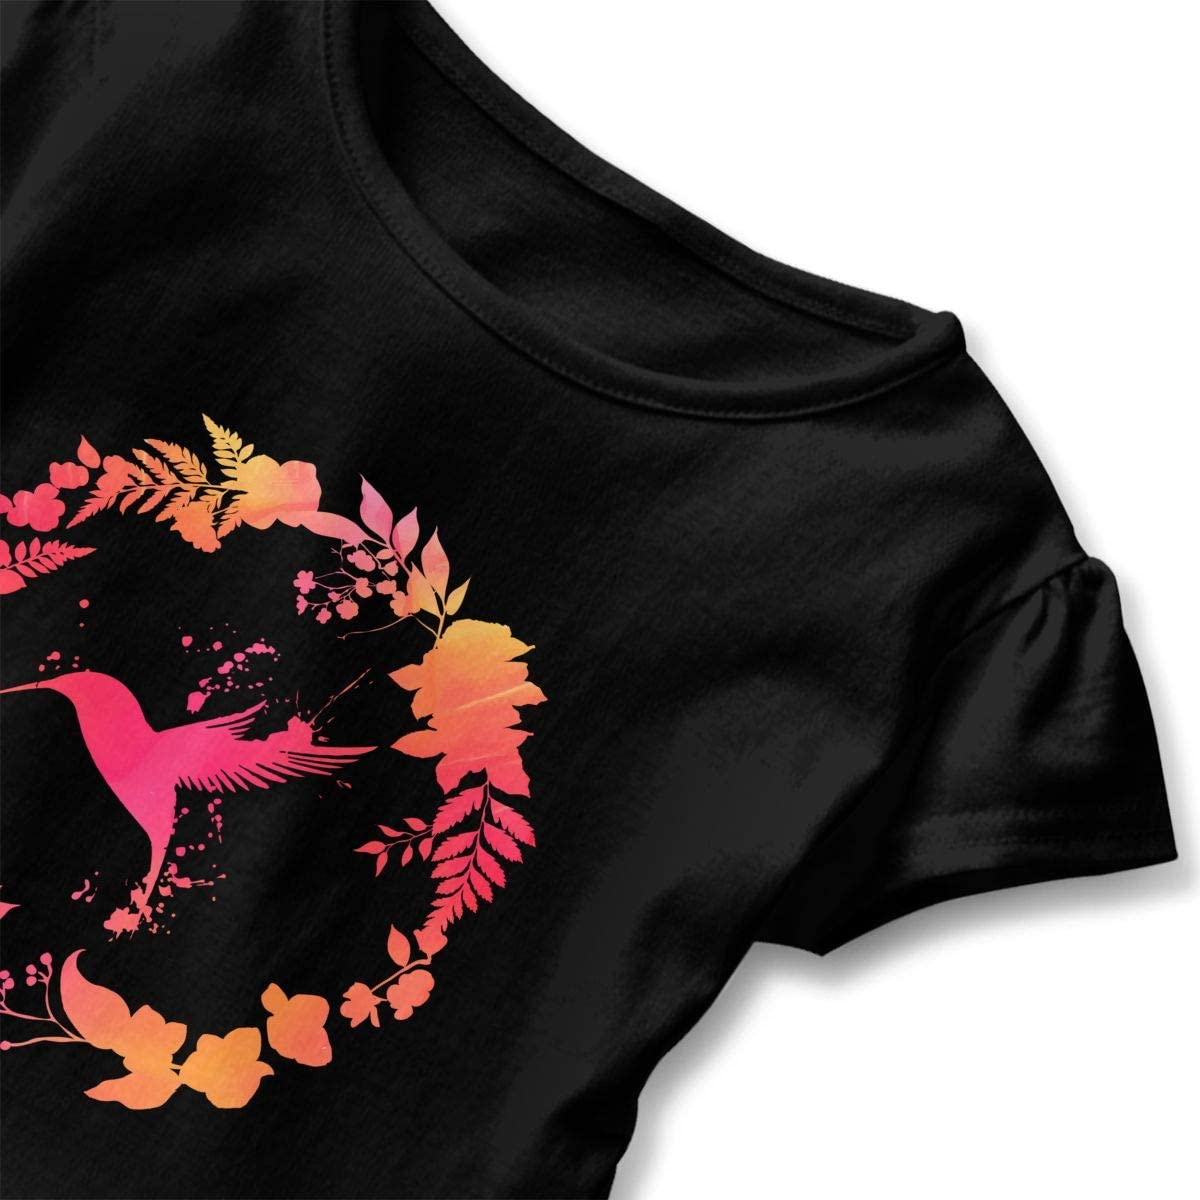 Hummingbird Floral Wreath Toddler Girls T Shirt Kids Cotton Short Sleeve Ruffle Tee